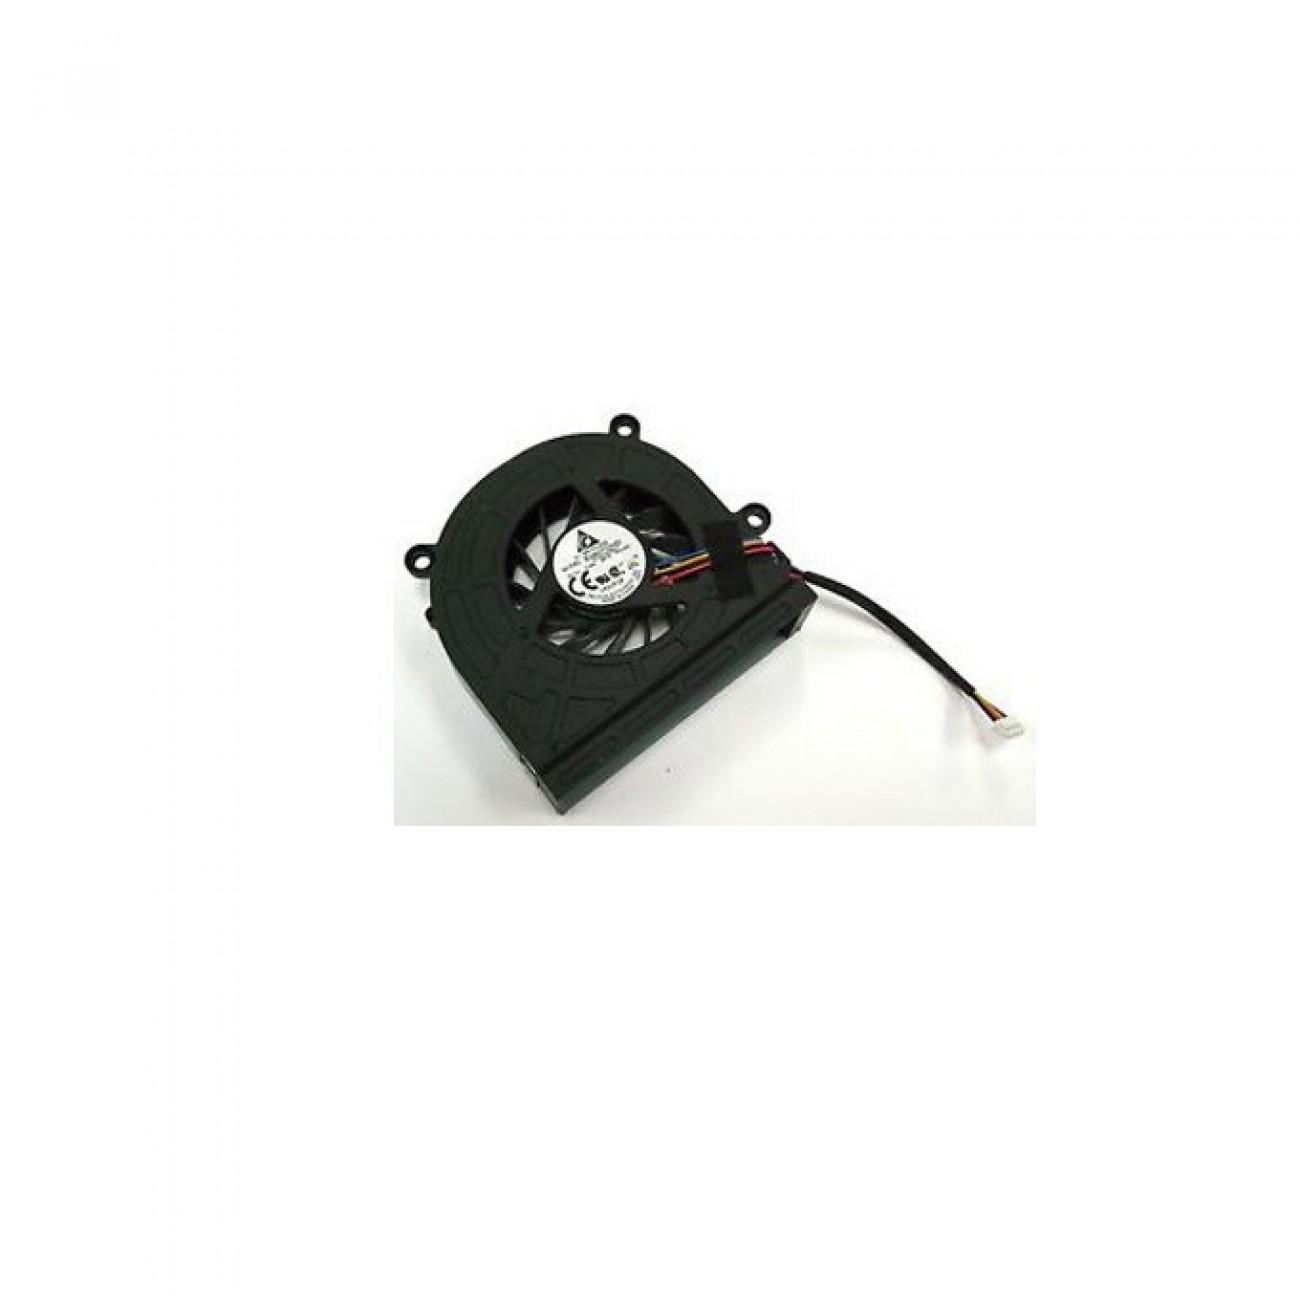 Вентилатор за лаптоп, Lenovo B500, B505, B510, B50r1 All-in-one(For CPU) в Резервни части -  | Alleop